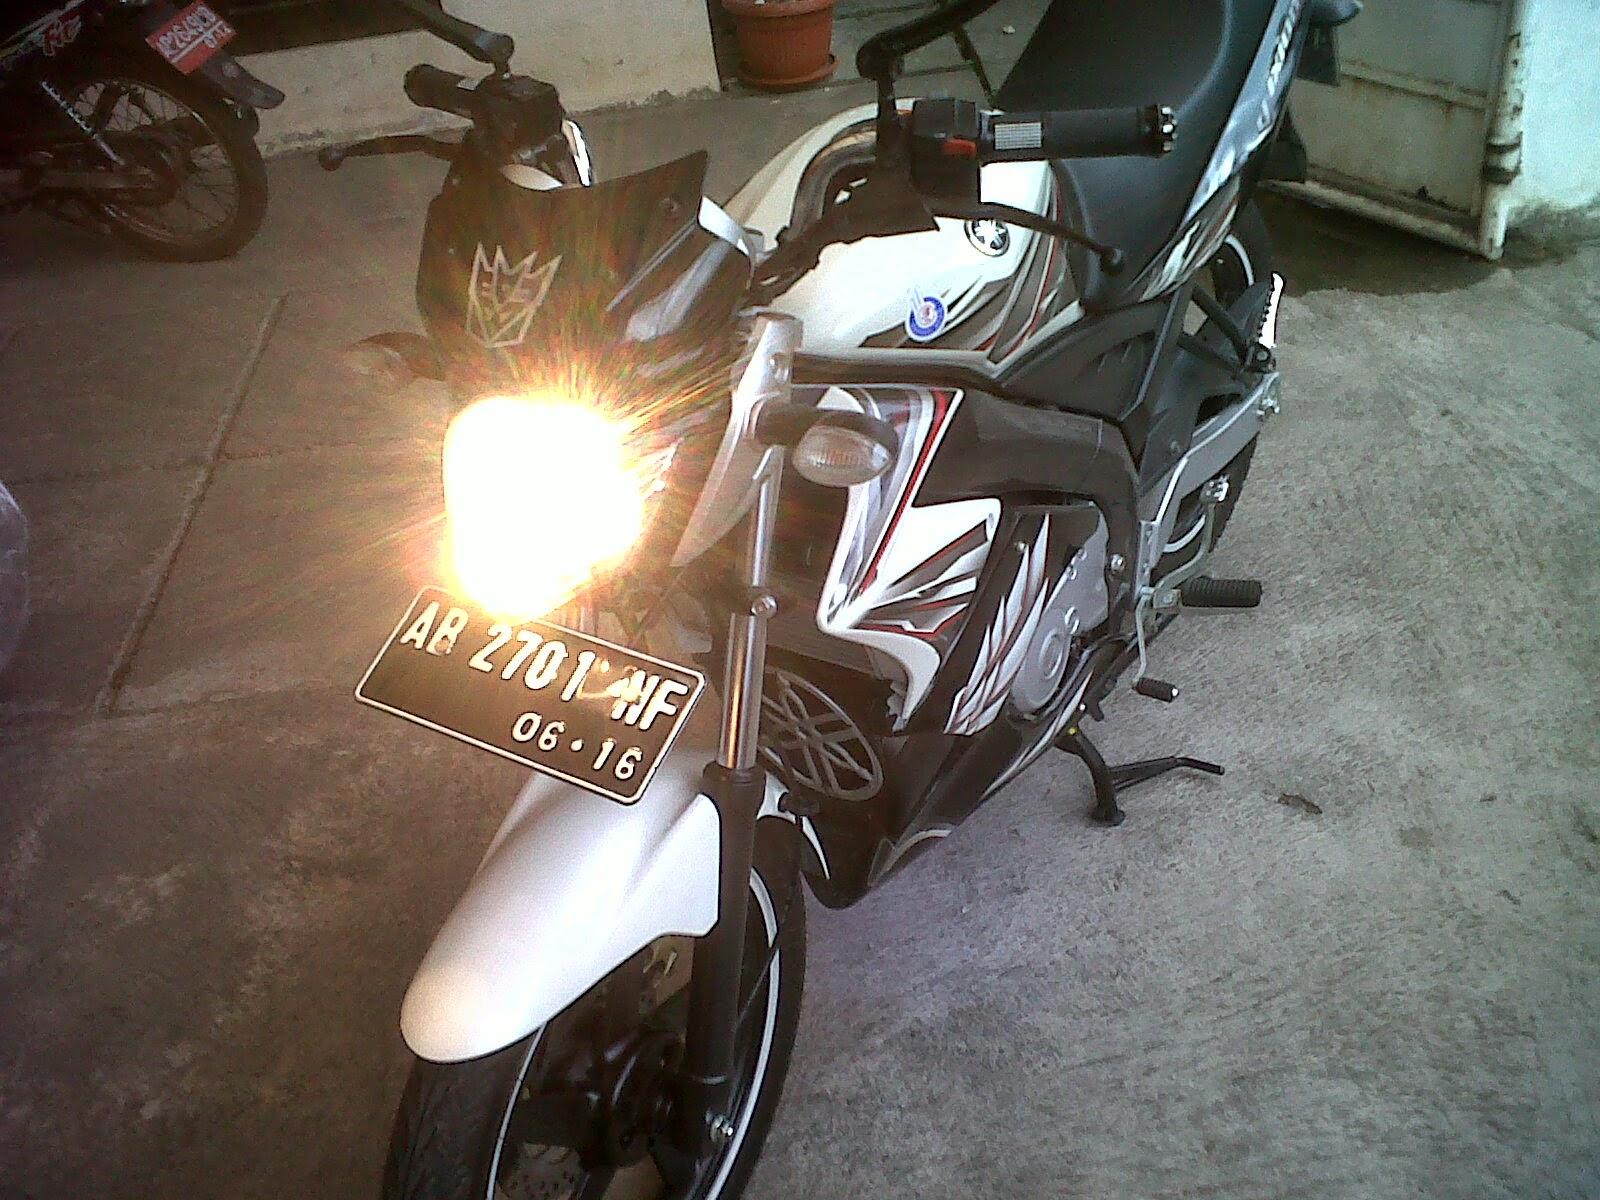 Modif Yamaha Old Vixion